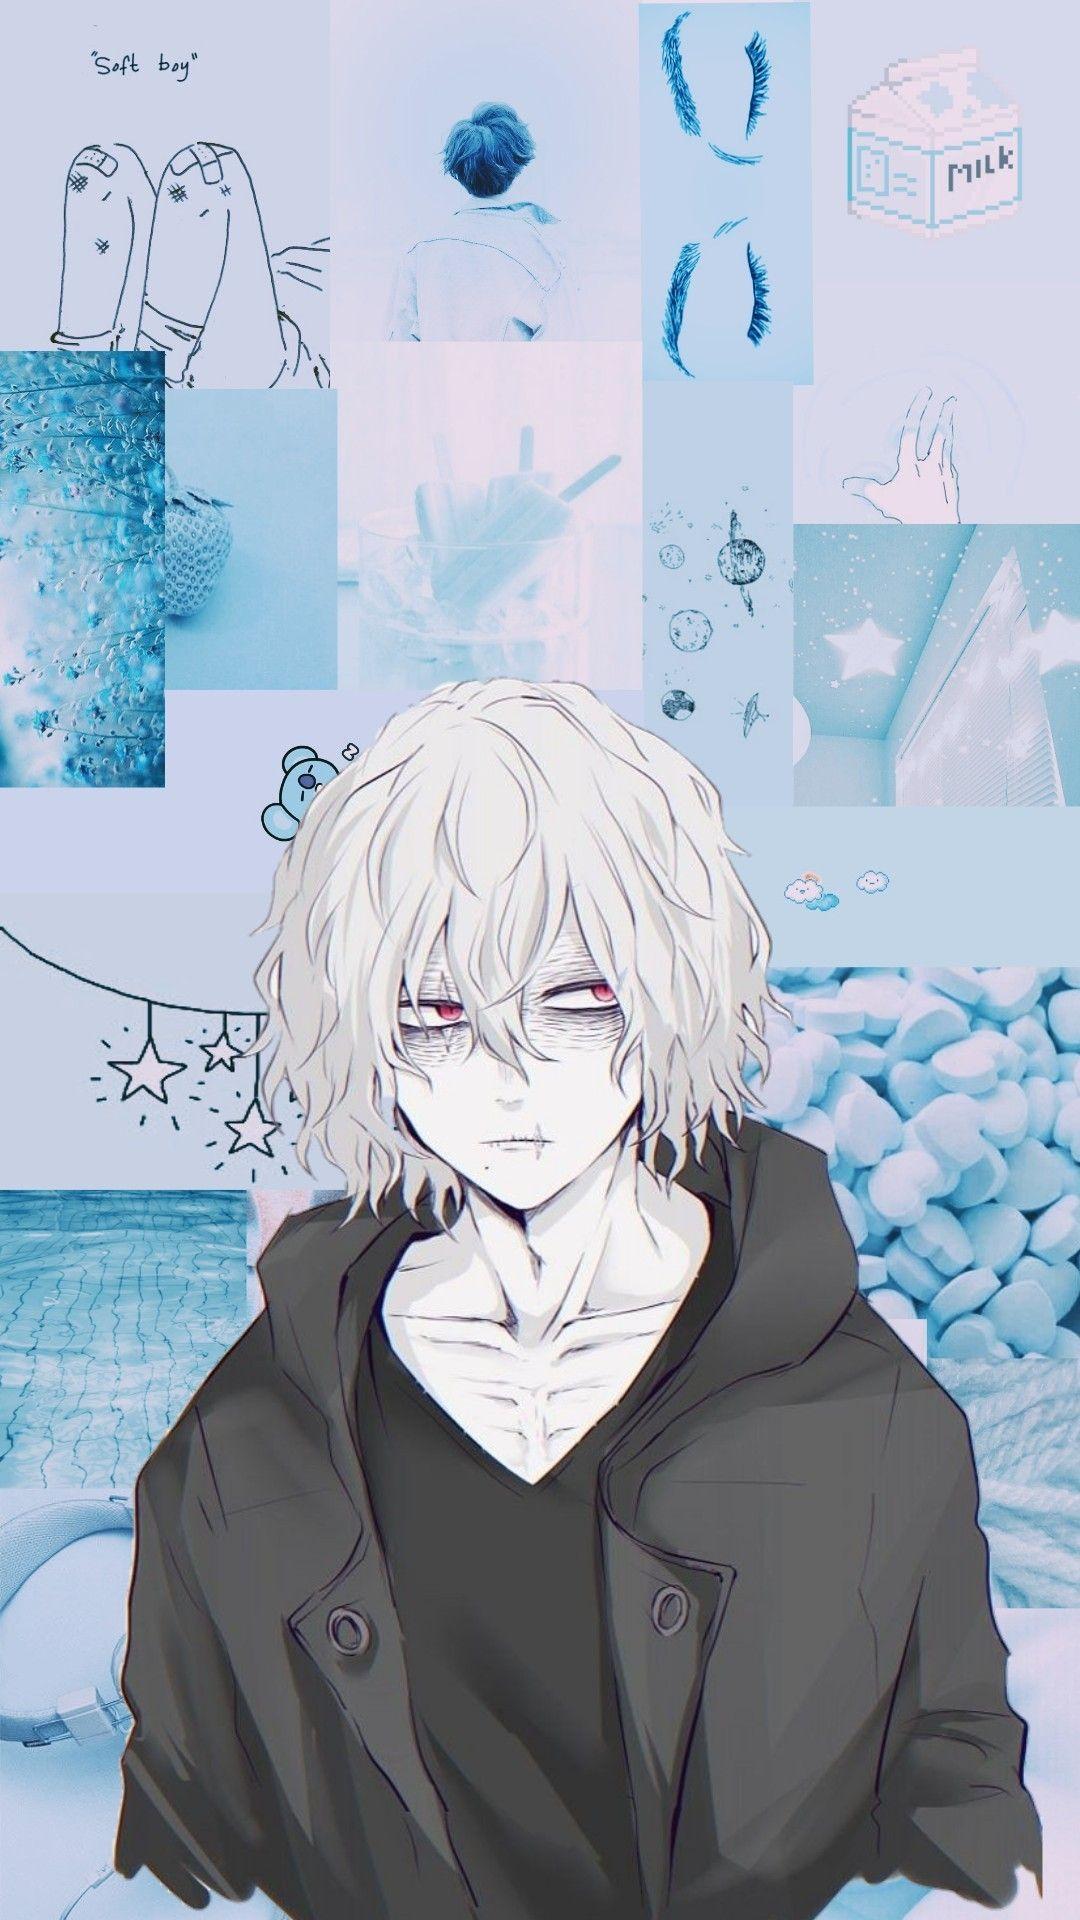 Pin By V3rd3 Gl0w On Wallpaper Hero Wallpaper Anime Background Anime Wallpaper